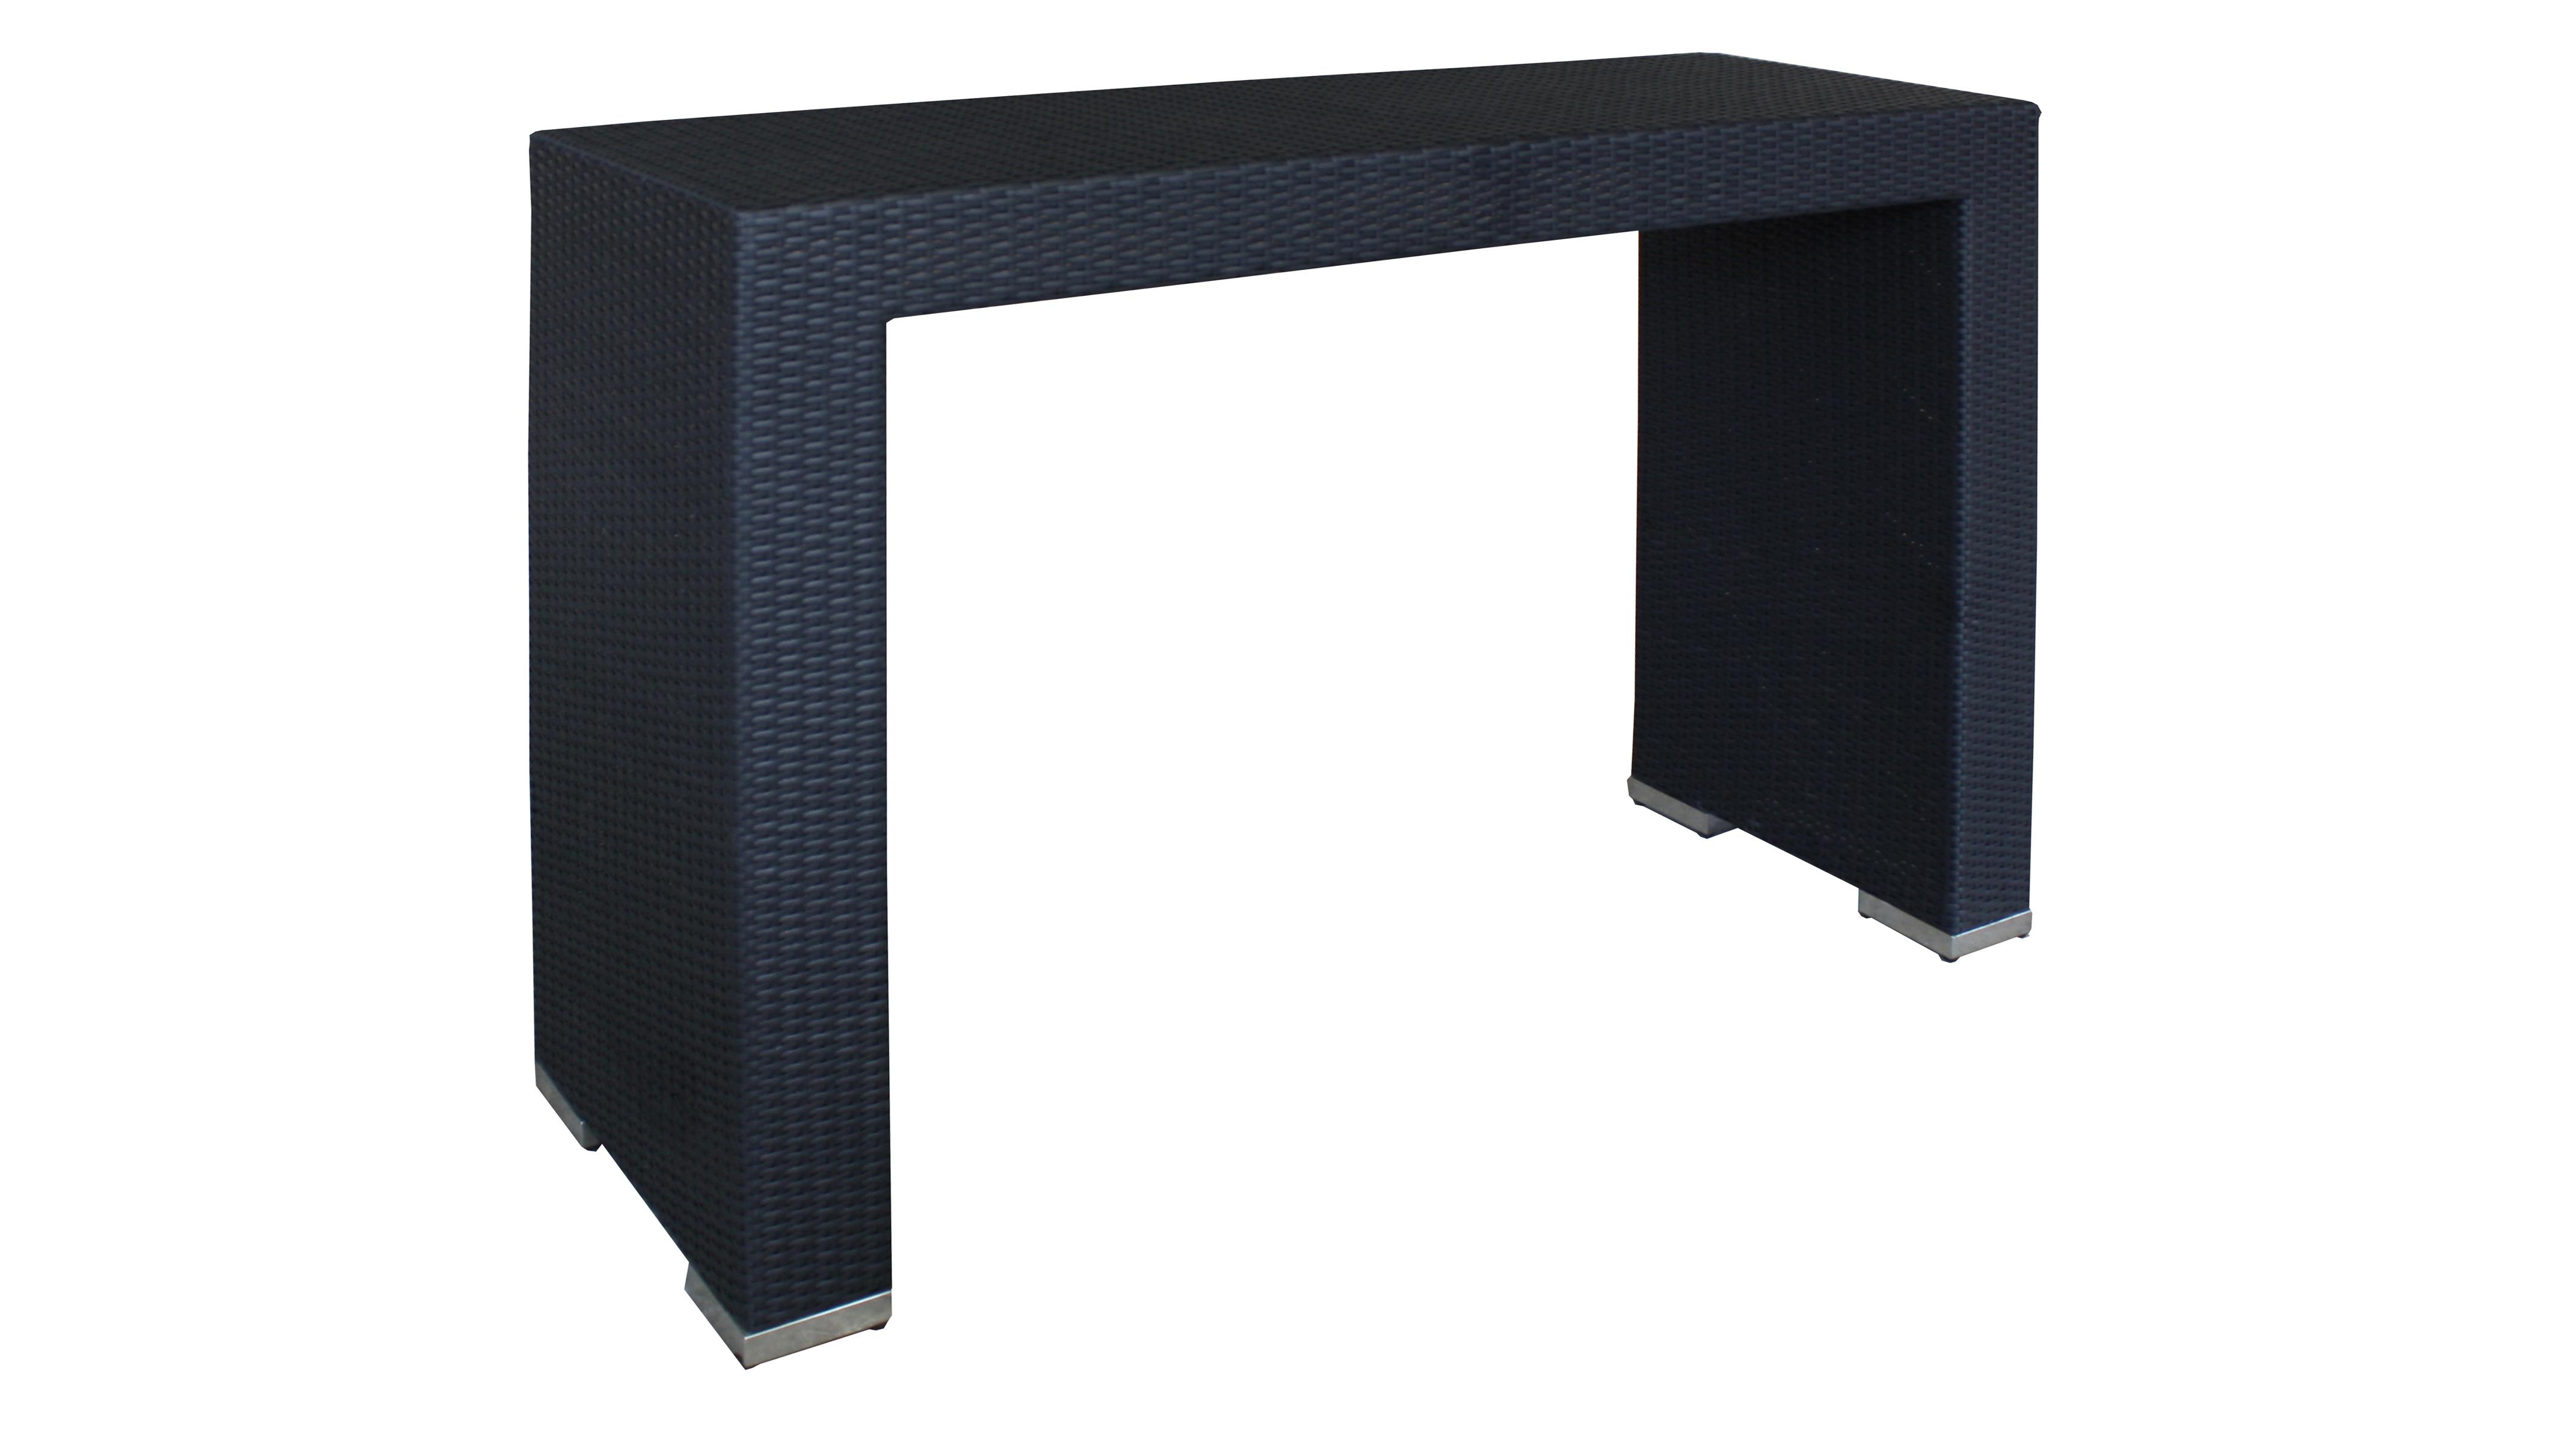 Tavolo alto da bar e bistrot in polyrattan insula for Tavolo alto da bar